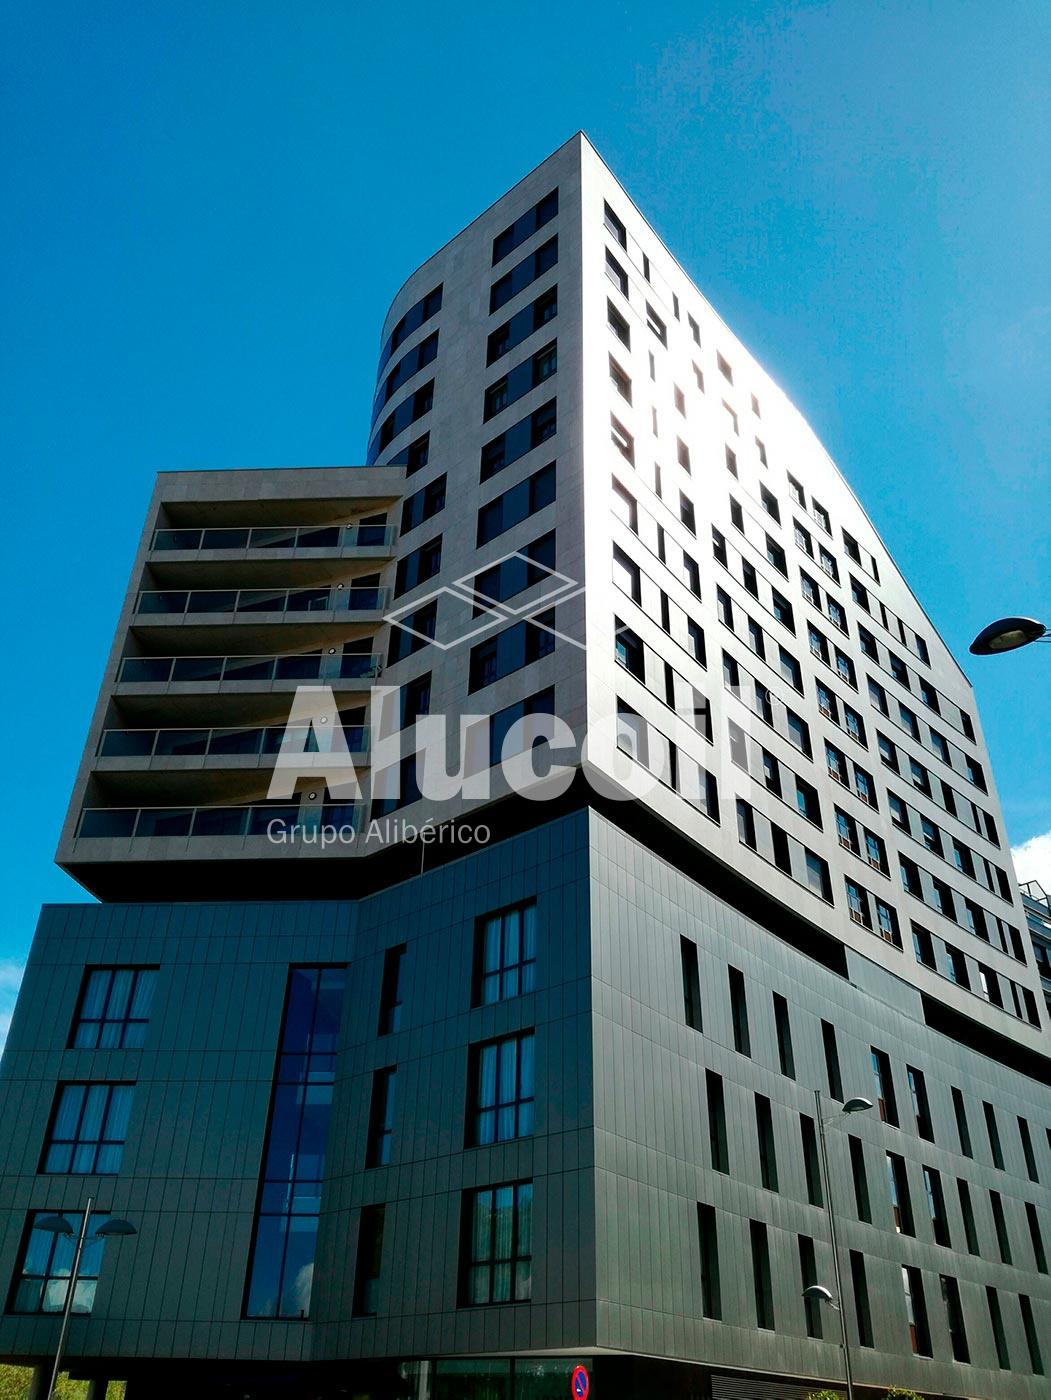 Vincci Hoteles Consulado de Bilbao